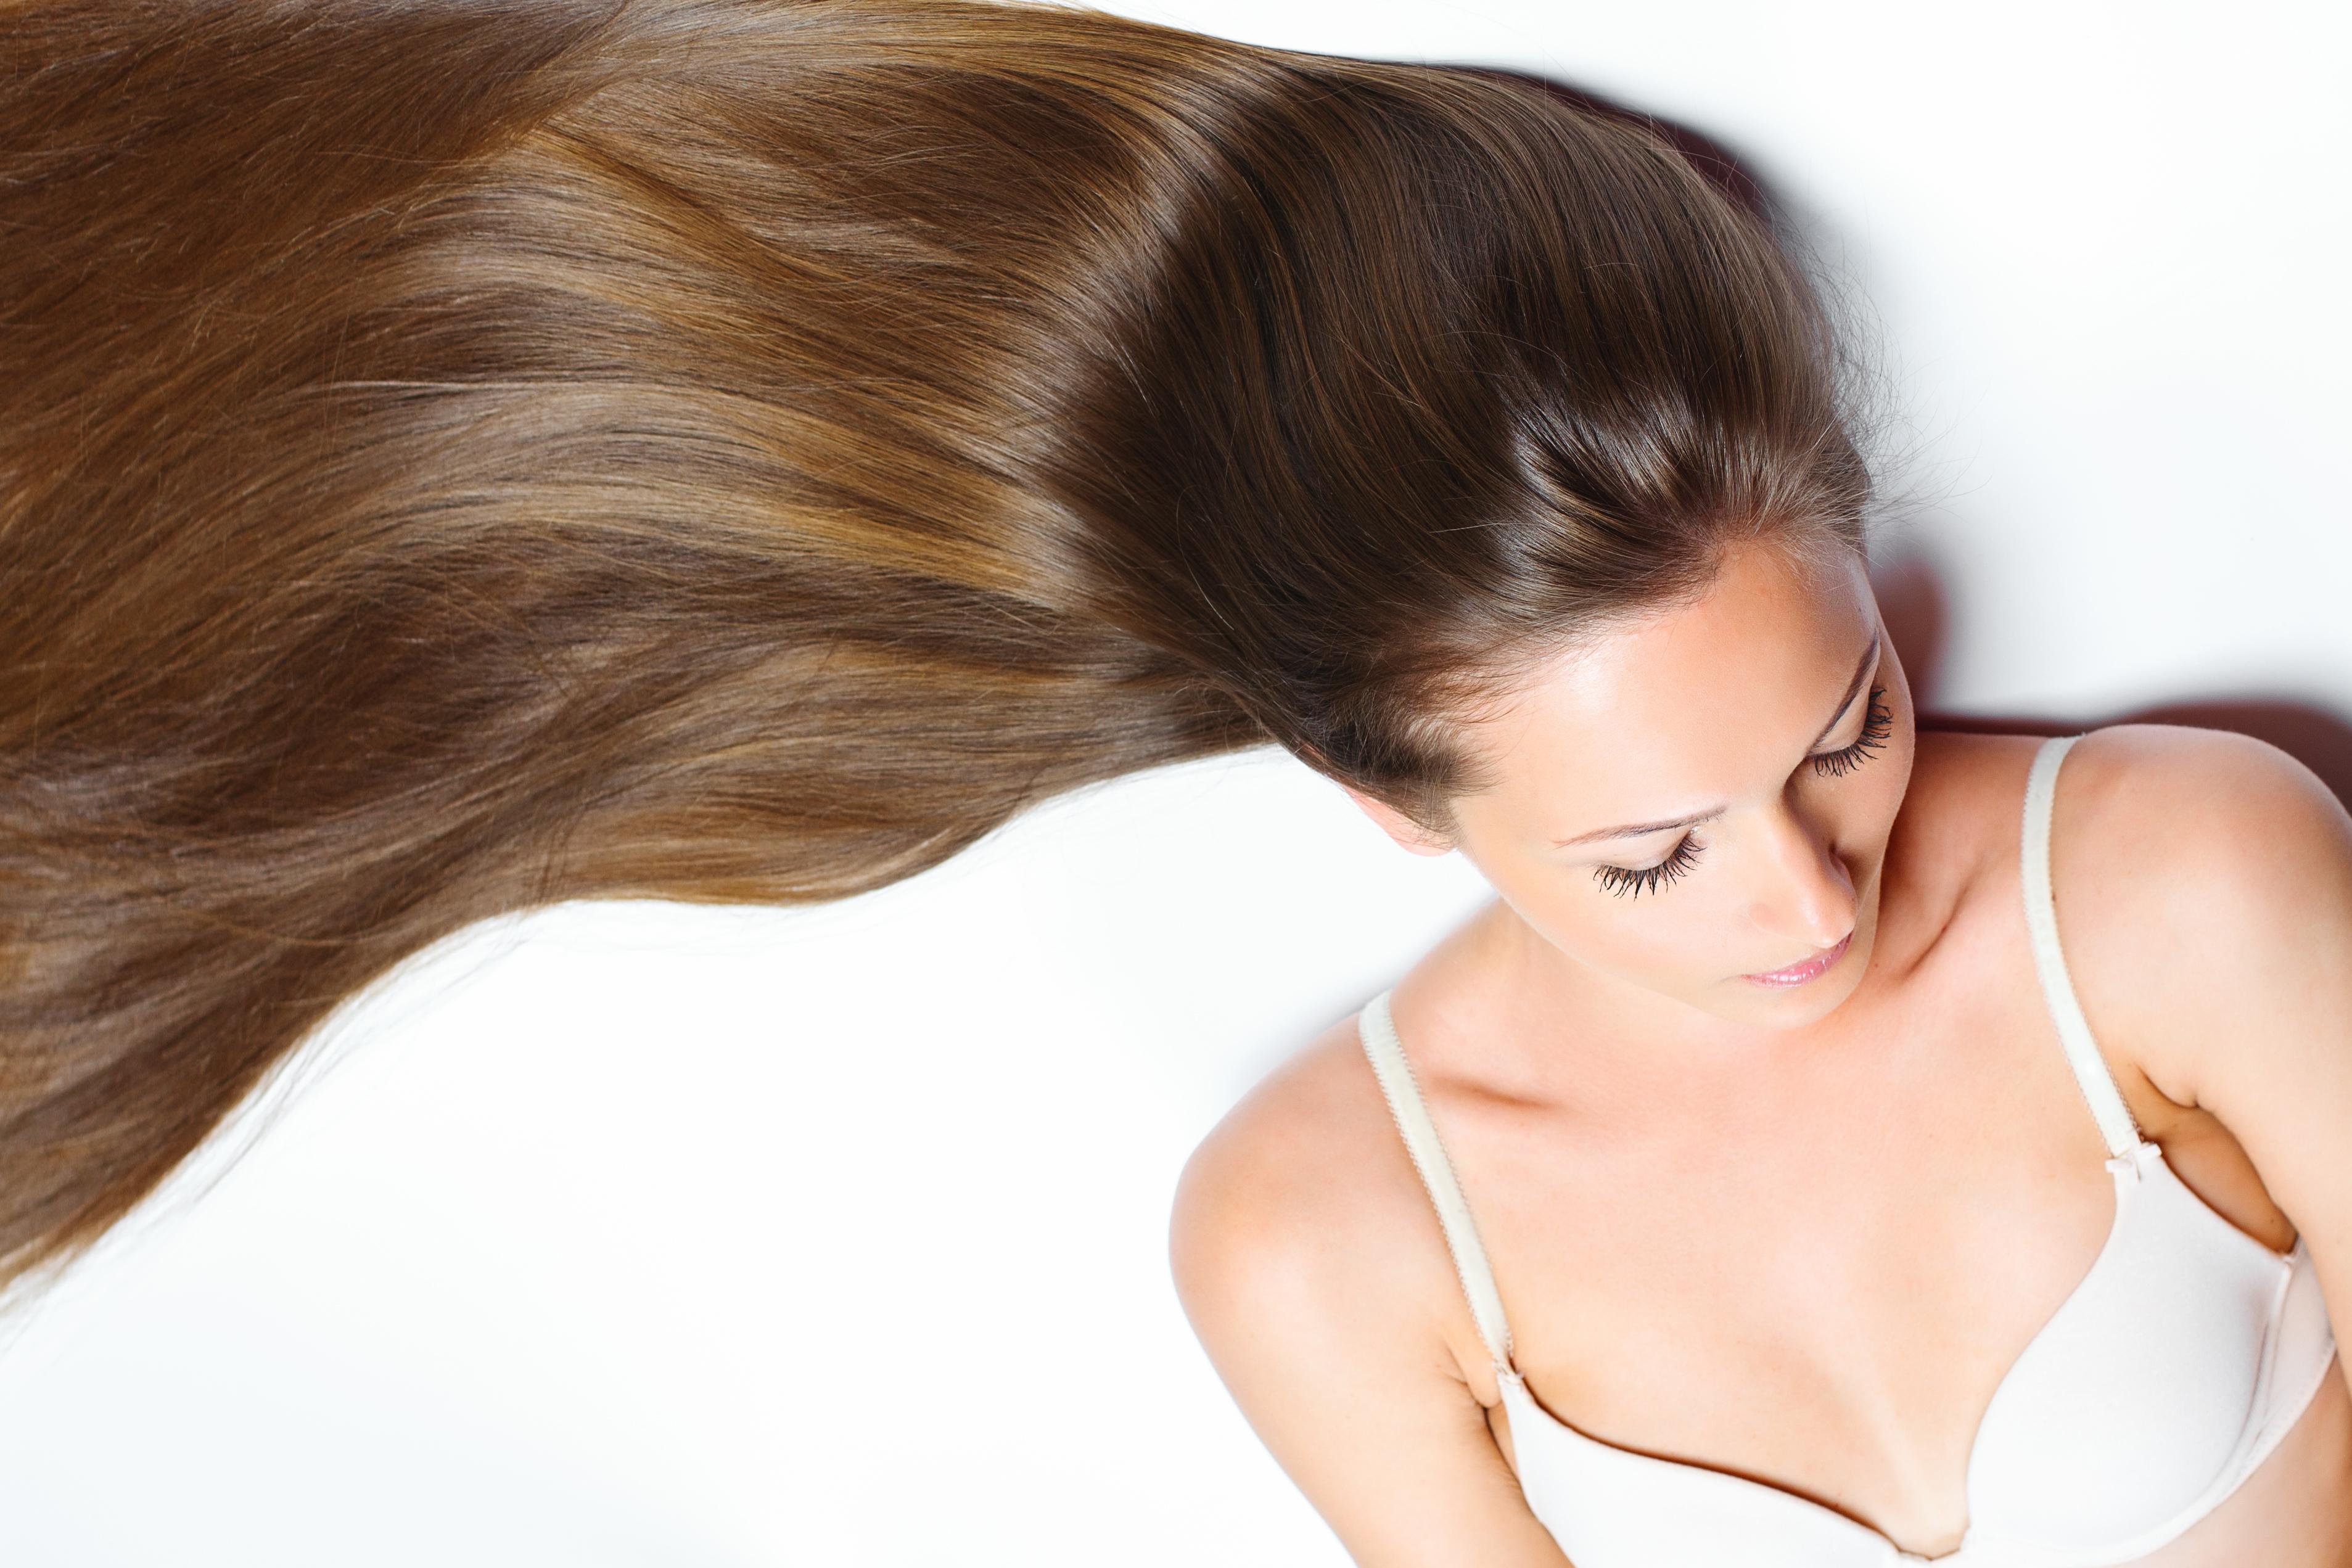 שיער רוסי בגווני חום בינוני